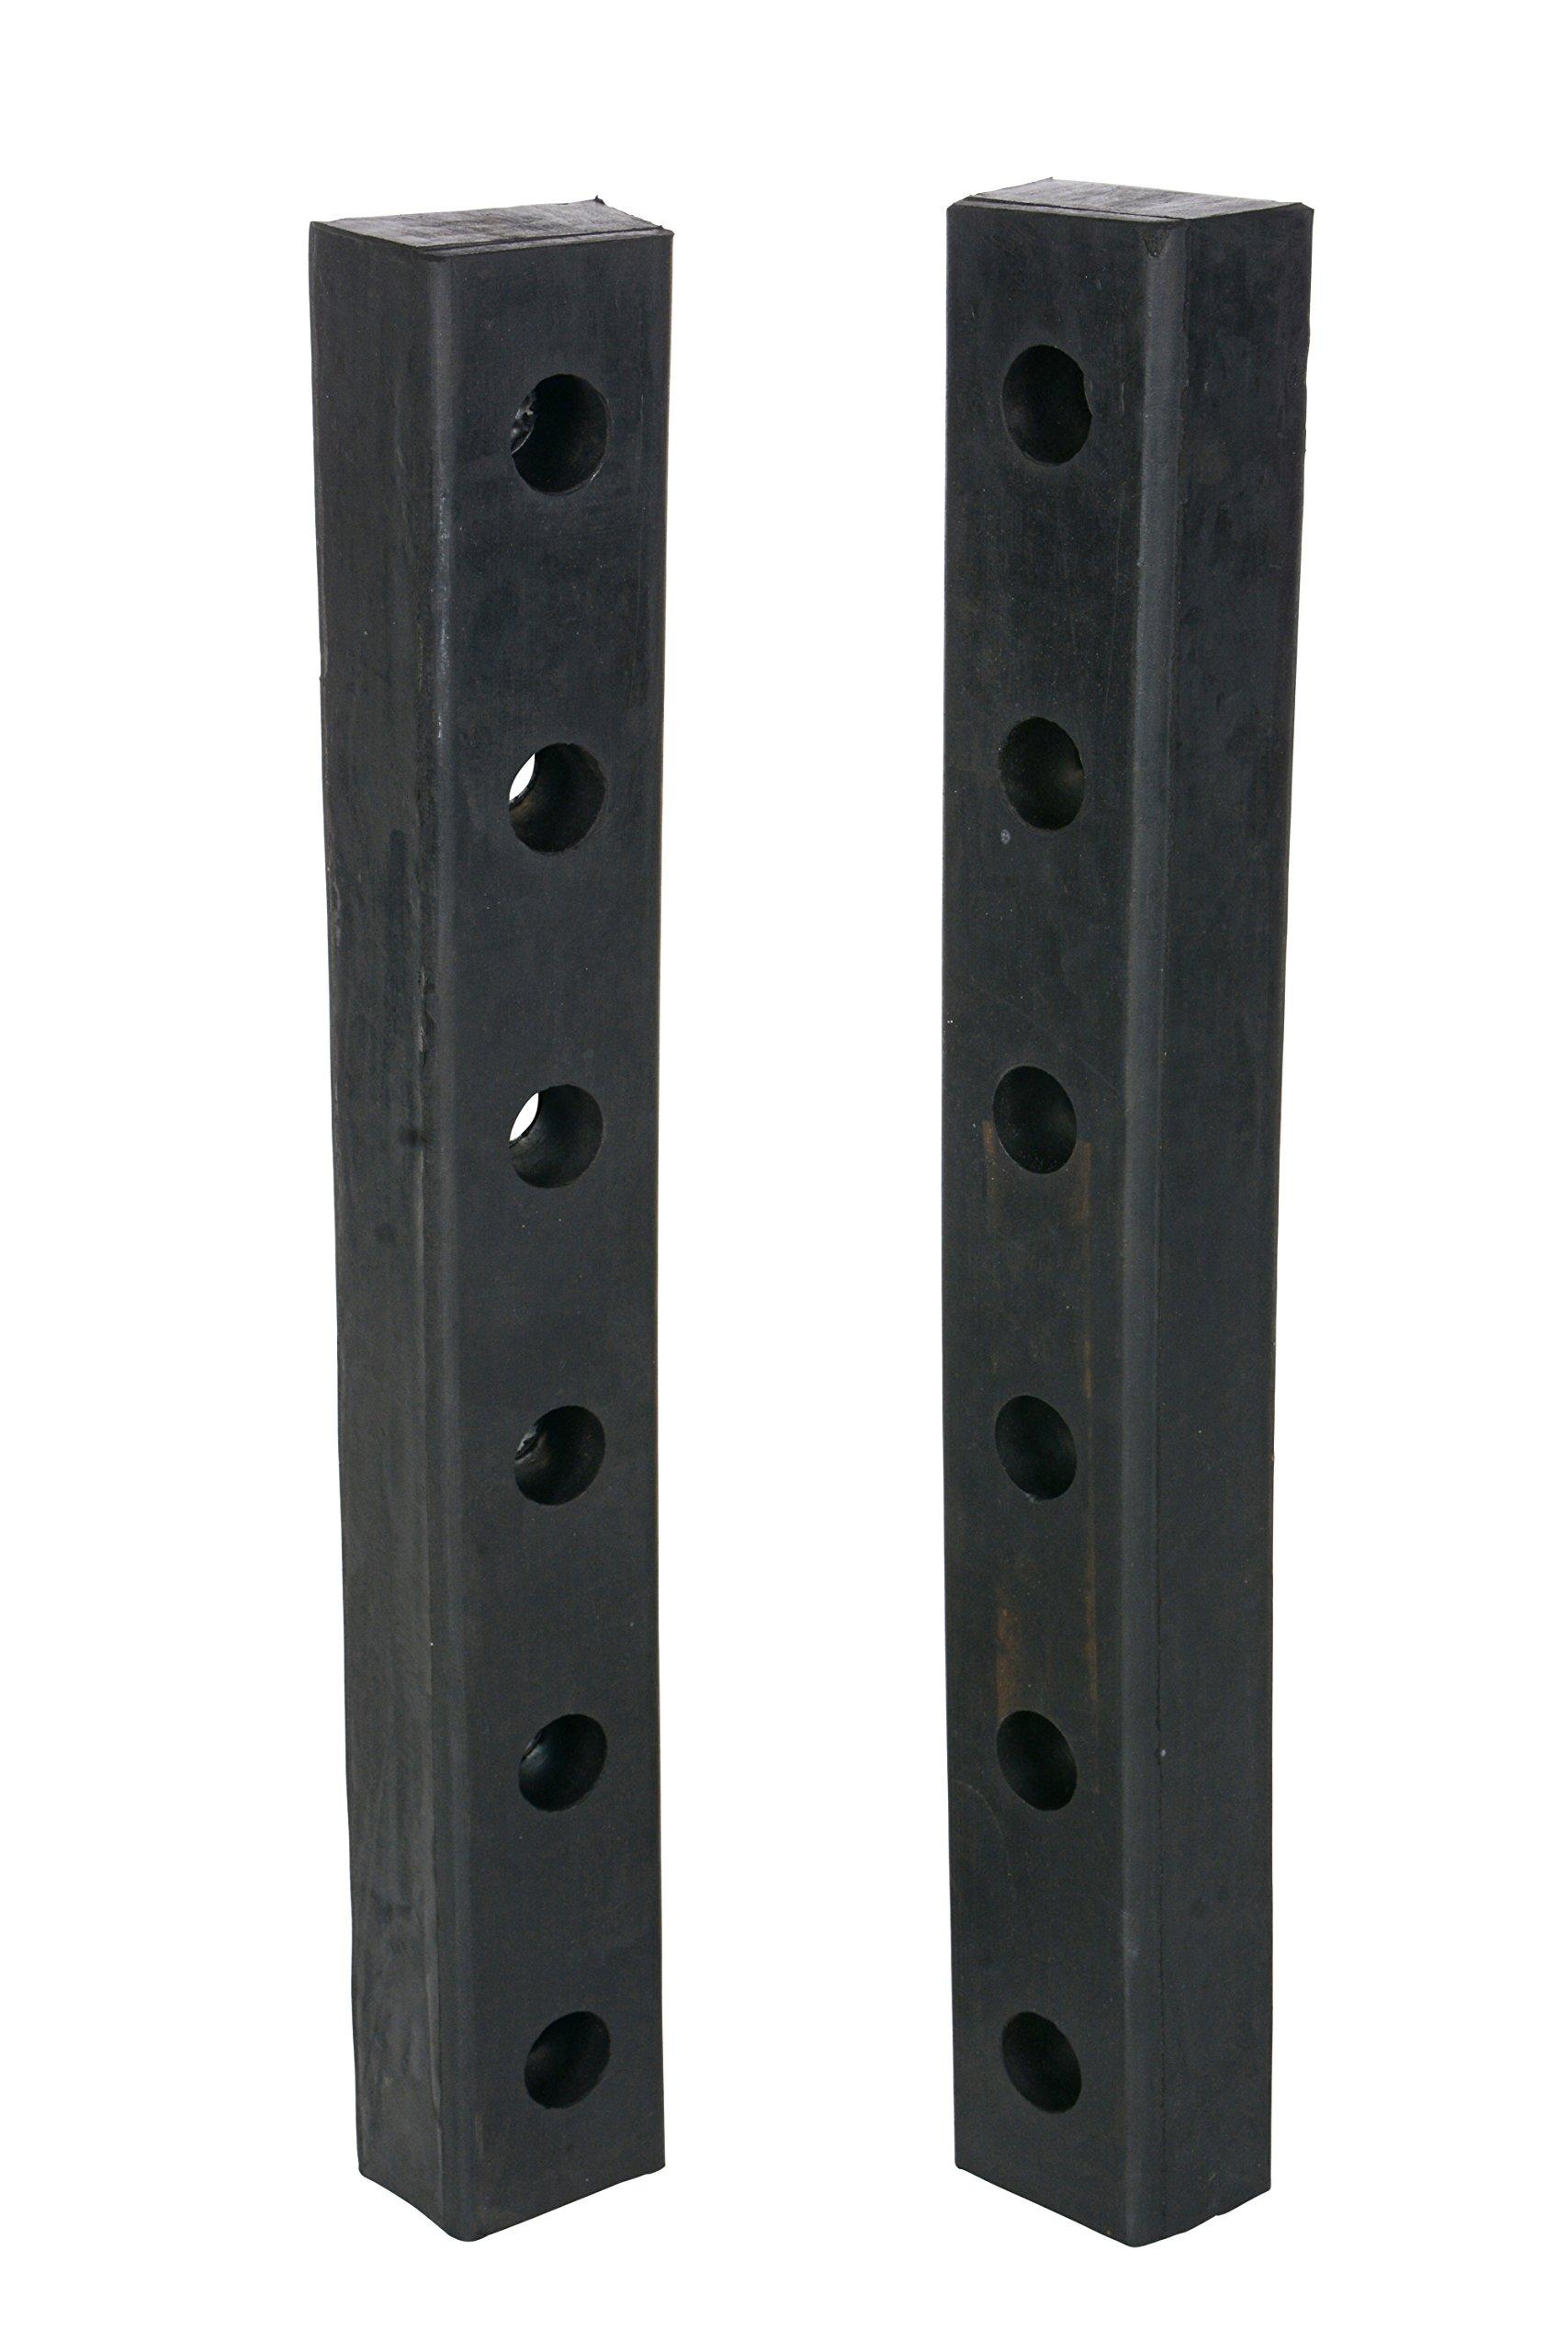 Vestil DBE-30-2 Rubber Hardened Molded Bumper, Rectangular, Vertical Mount, 30'' Length, 4-1/2'' Width, 3'' Depth (Pack of 2)